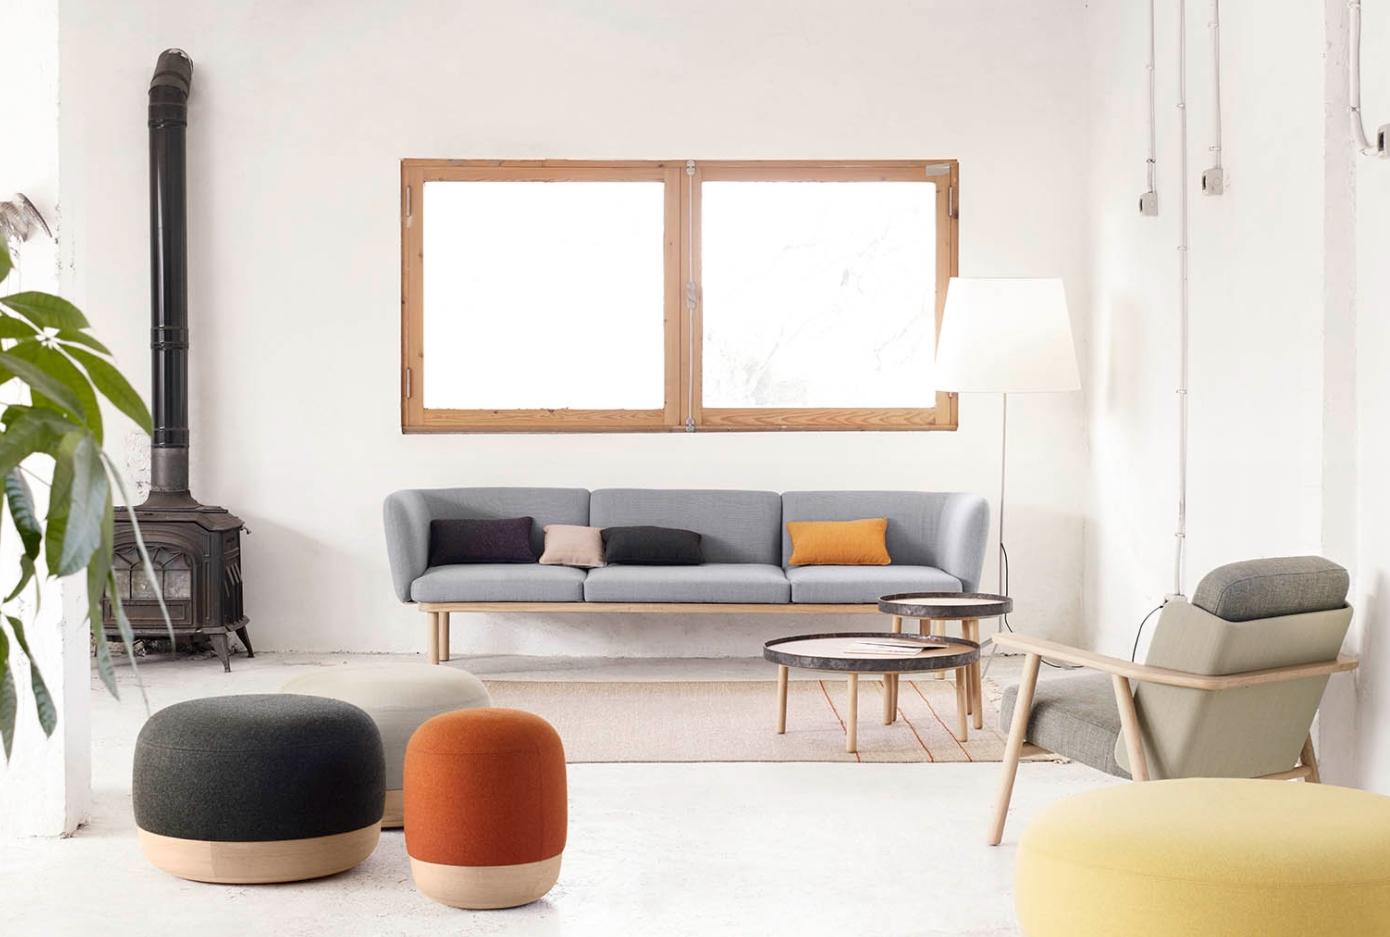 muebles del futuro: ideas de muebles para ahorrar espacio 1